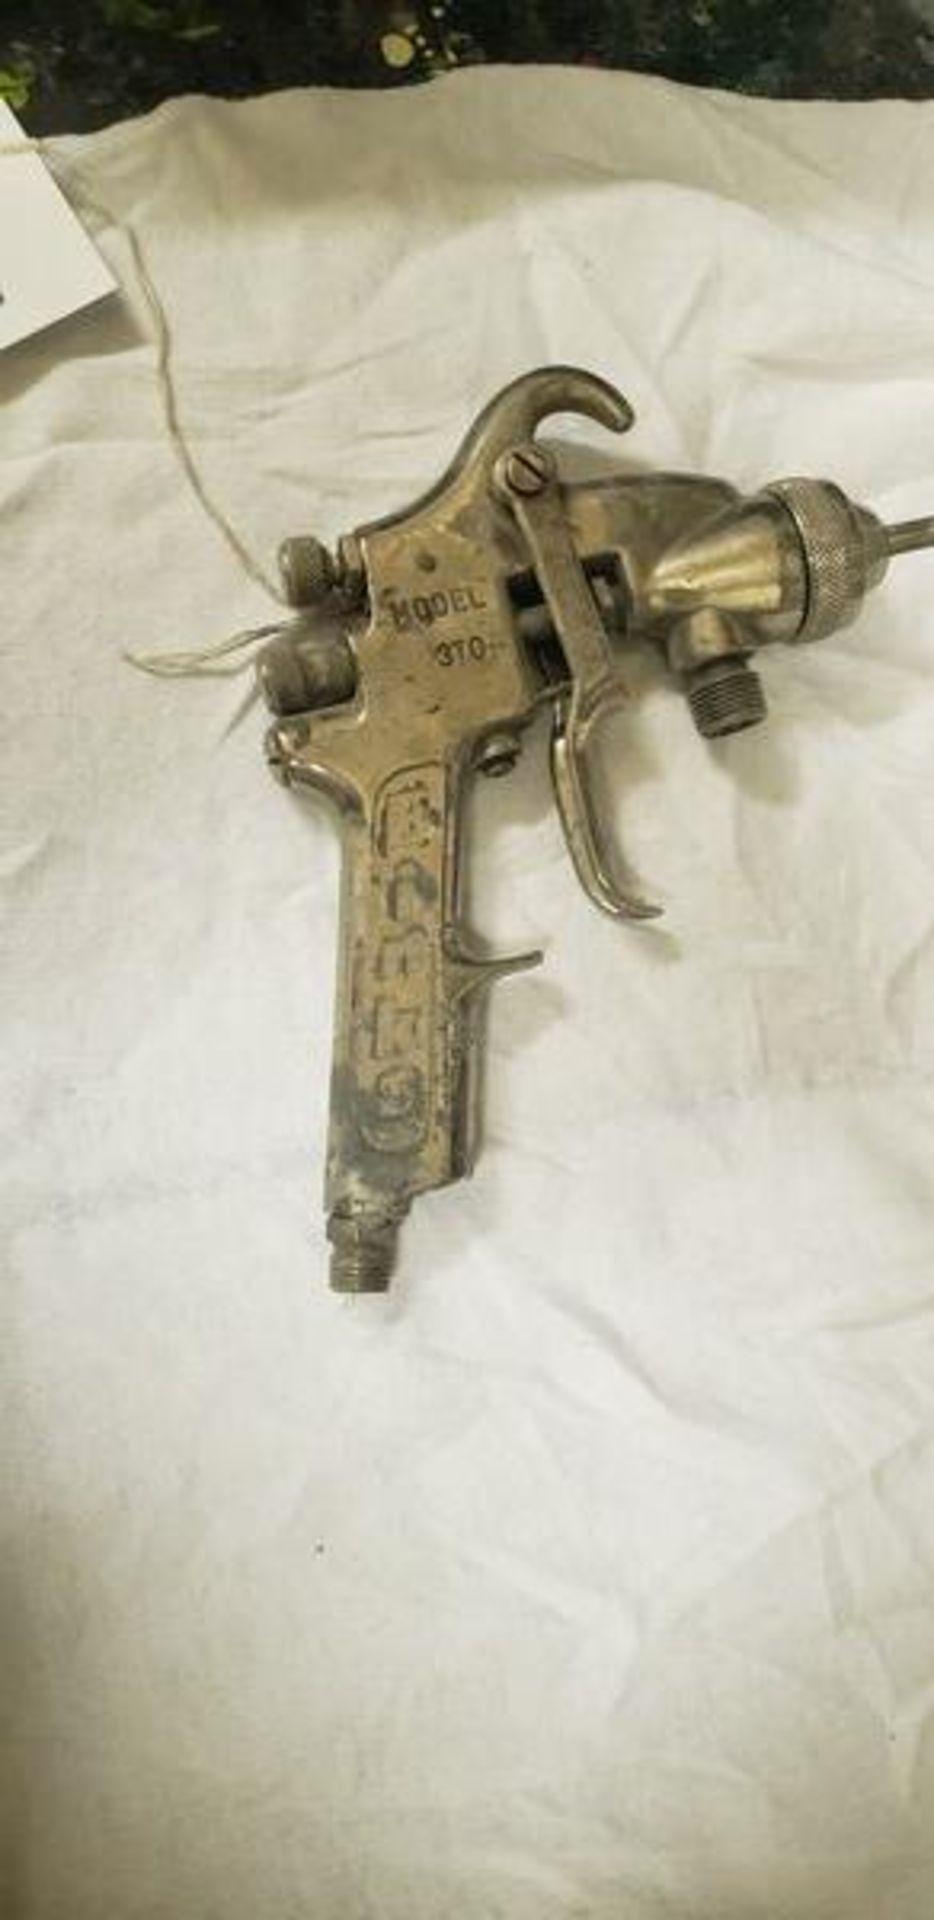 BINKS SPRAY GUN - MODEL 370A